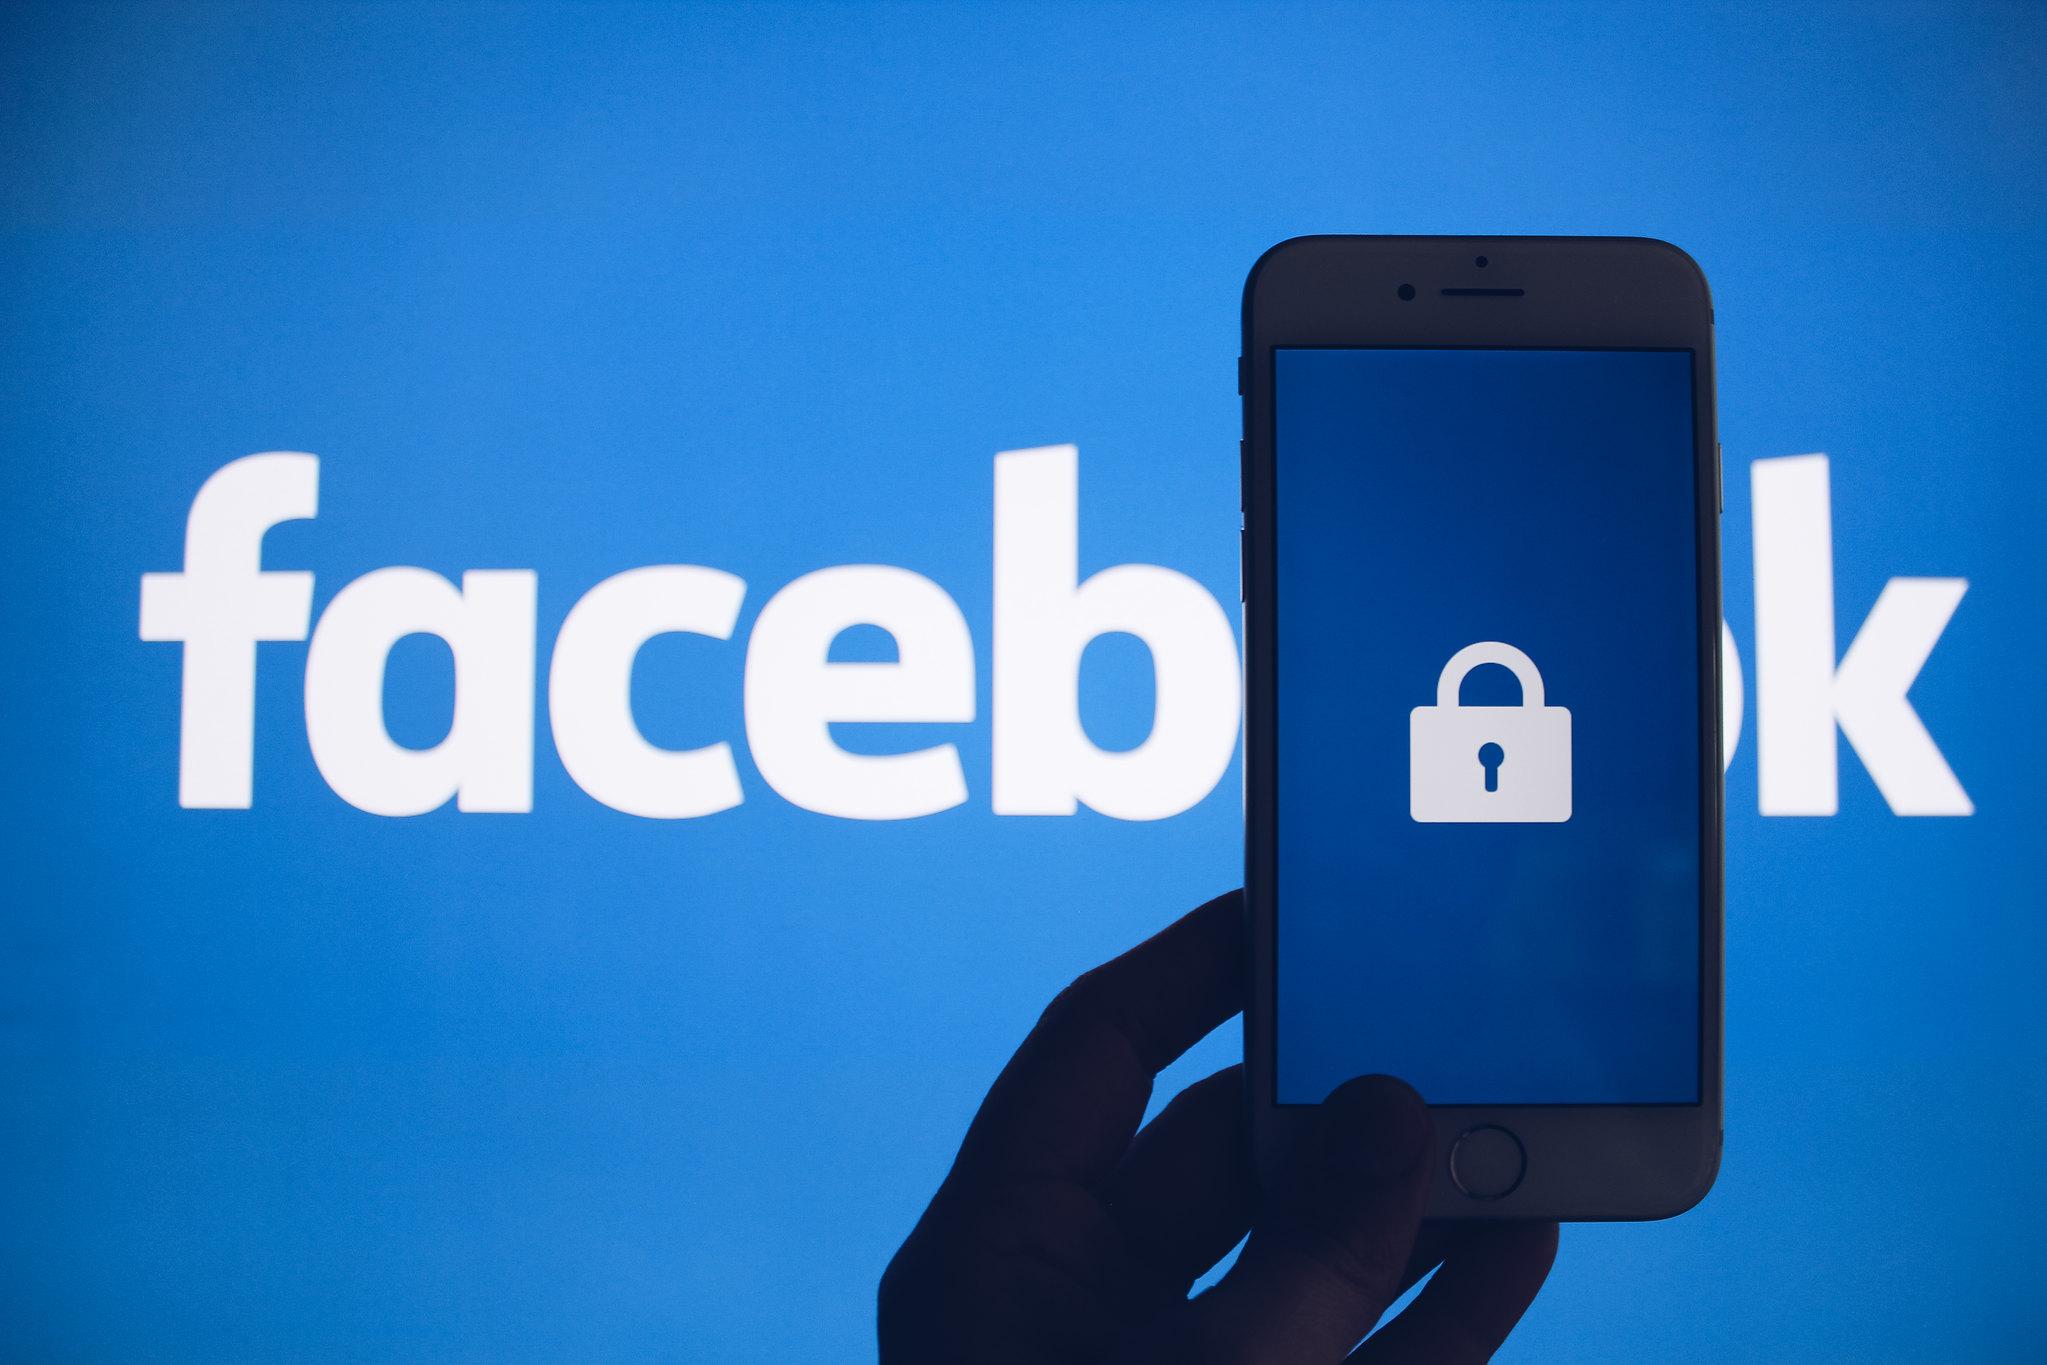 Asusu unikla firemní hesla, navíc řešil napadení své aktualizační služby.